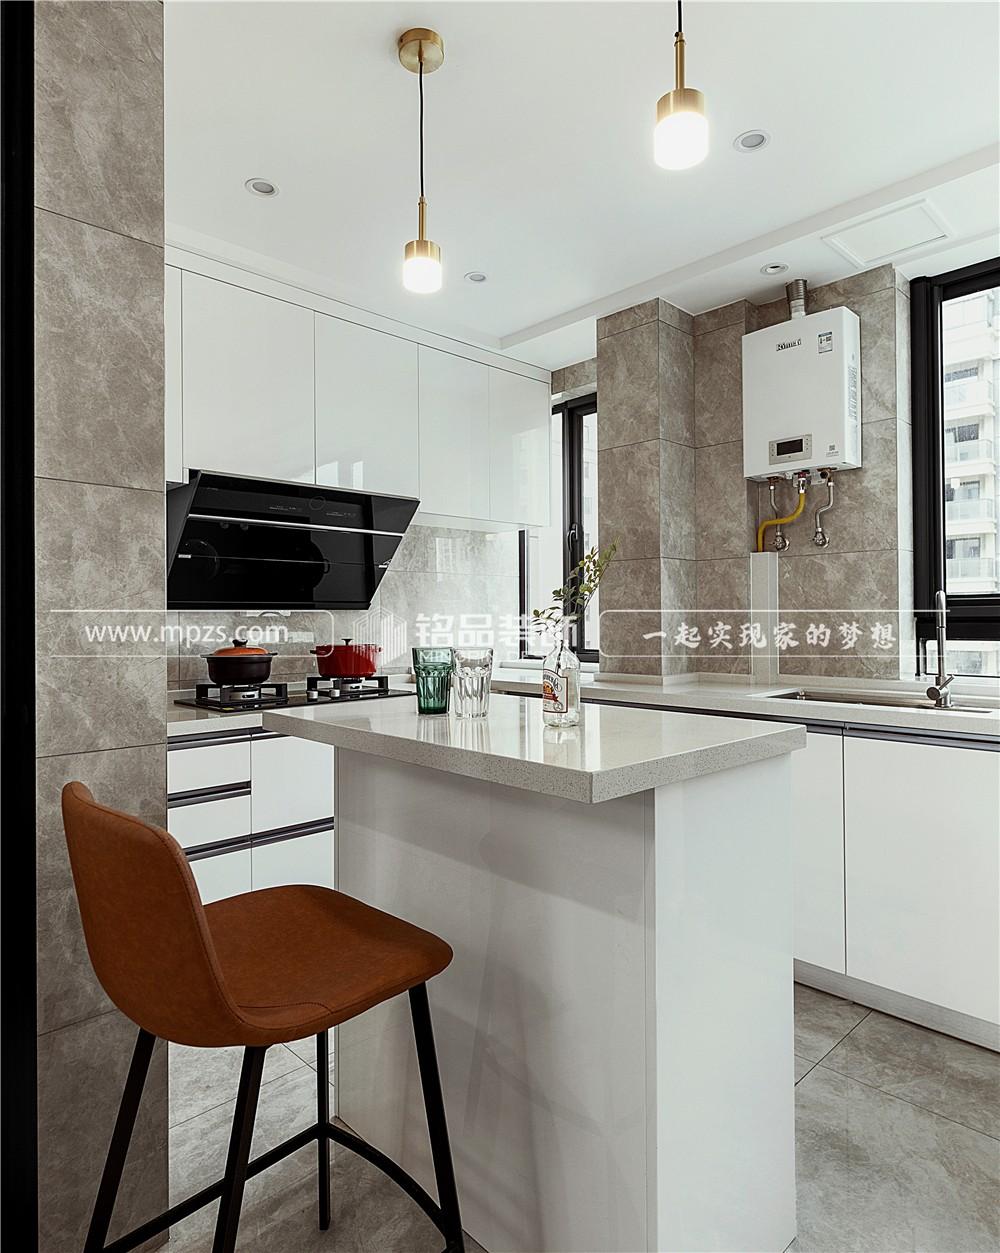 杭州128平方米现代风格毛坯新房装修案例_效果图